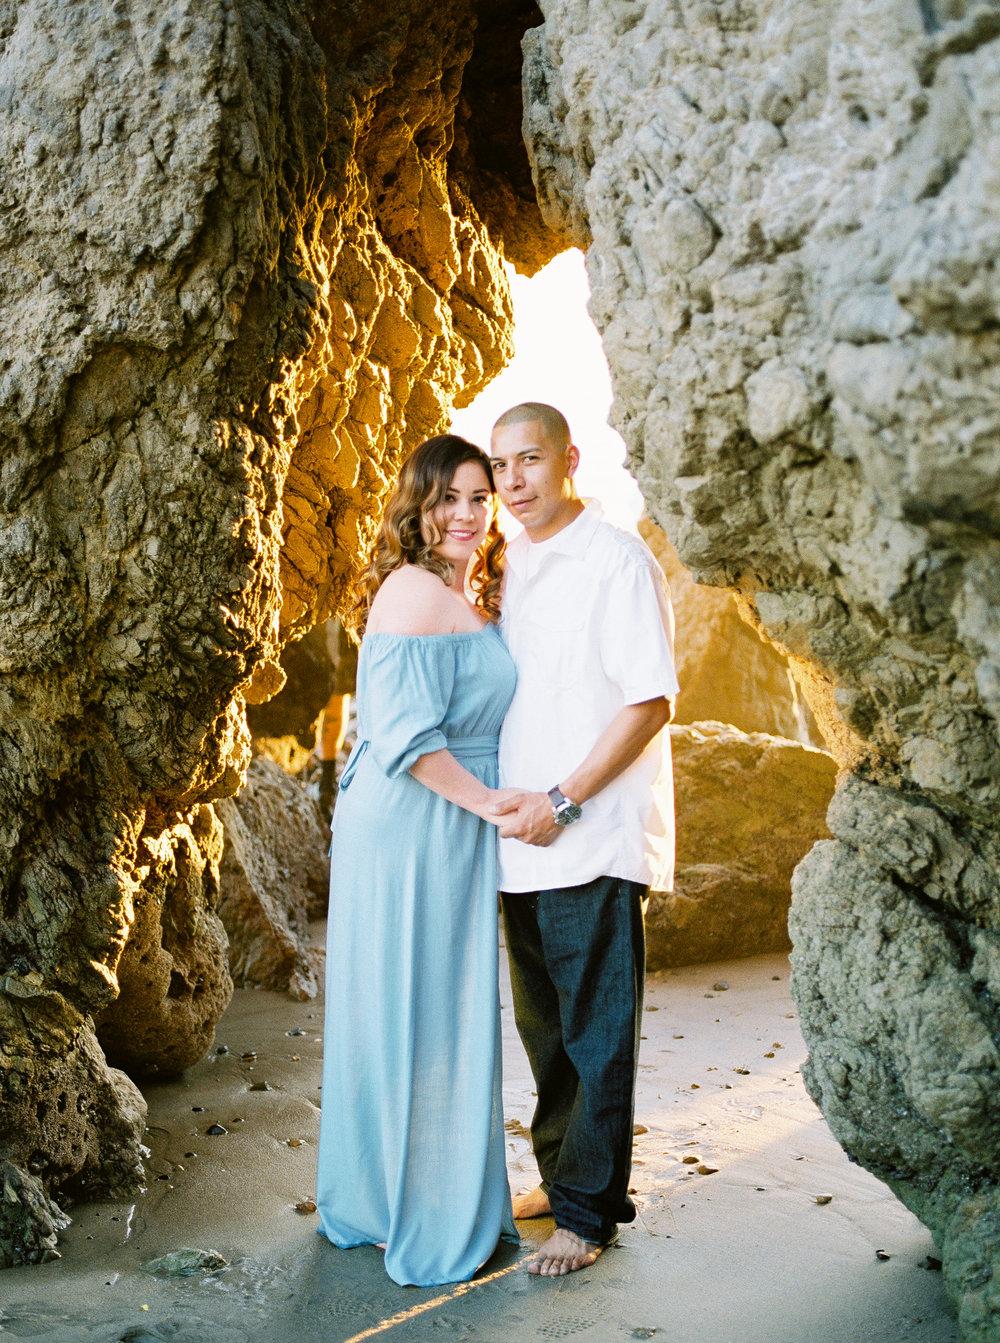 DennisRoyCoronel__LianaAlfredo_Engagement-9.jpg